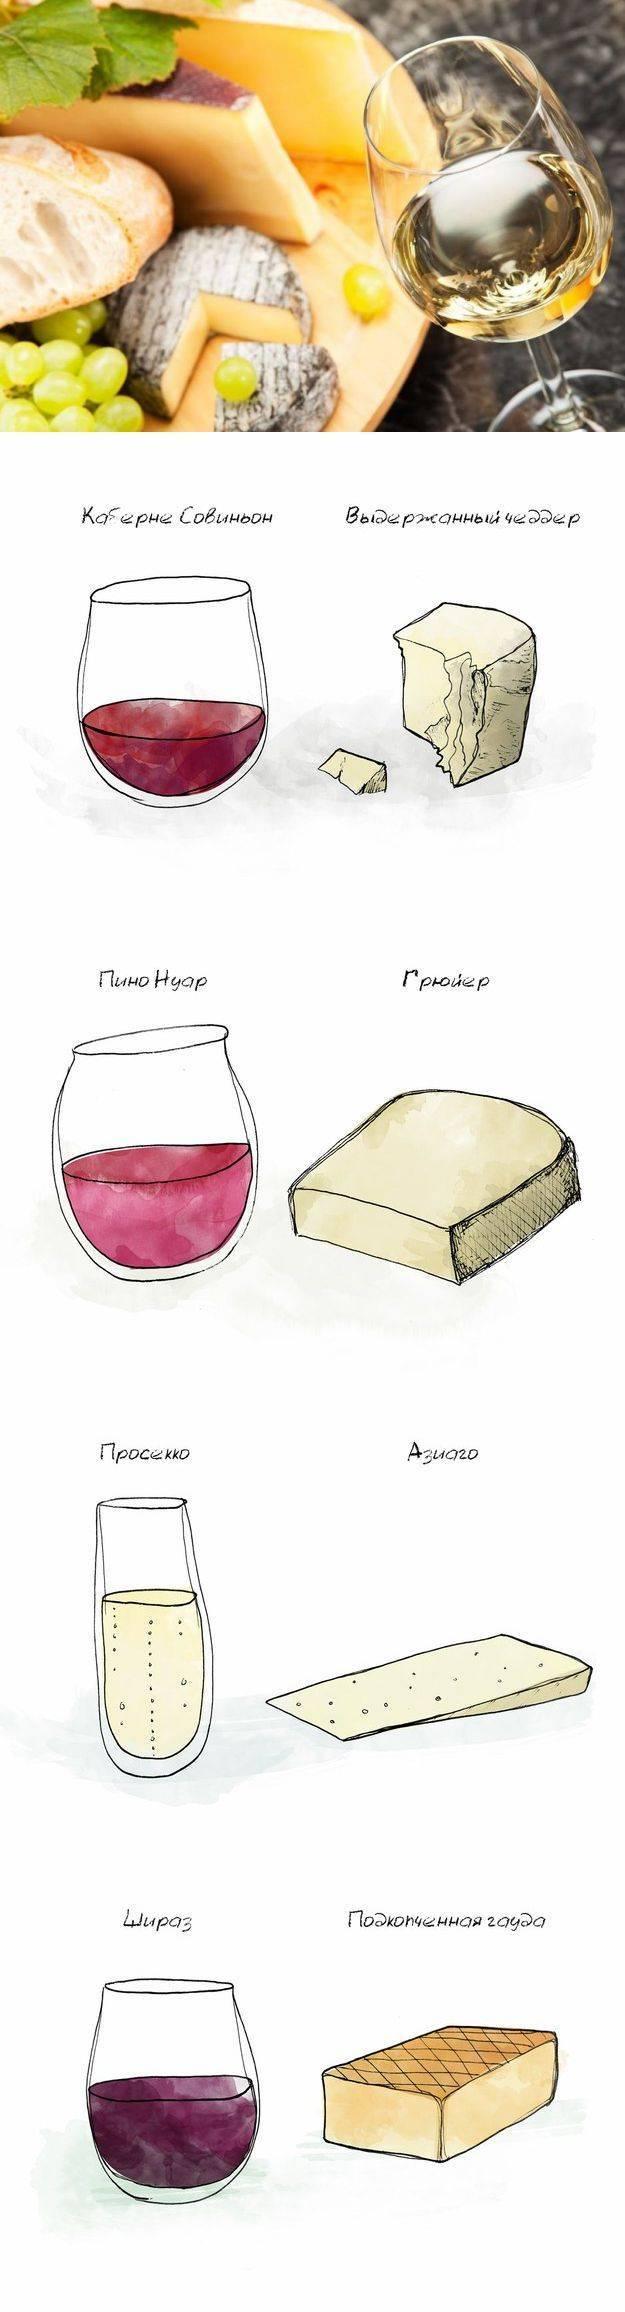 Все гениальное просто: как сочетать сыр и вино?